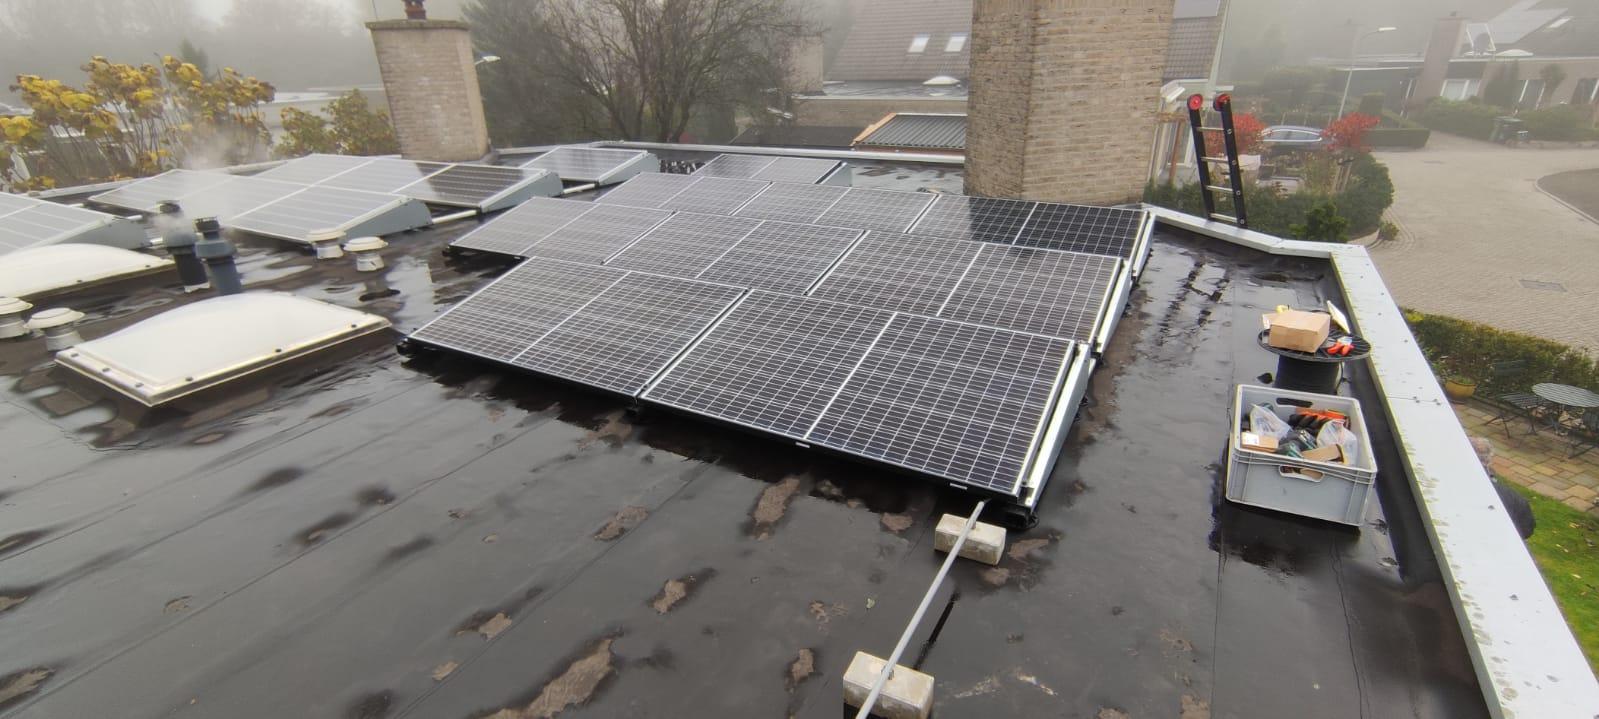 IBC Monosol 330 zonnepanelen Hoogeveen